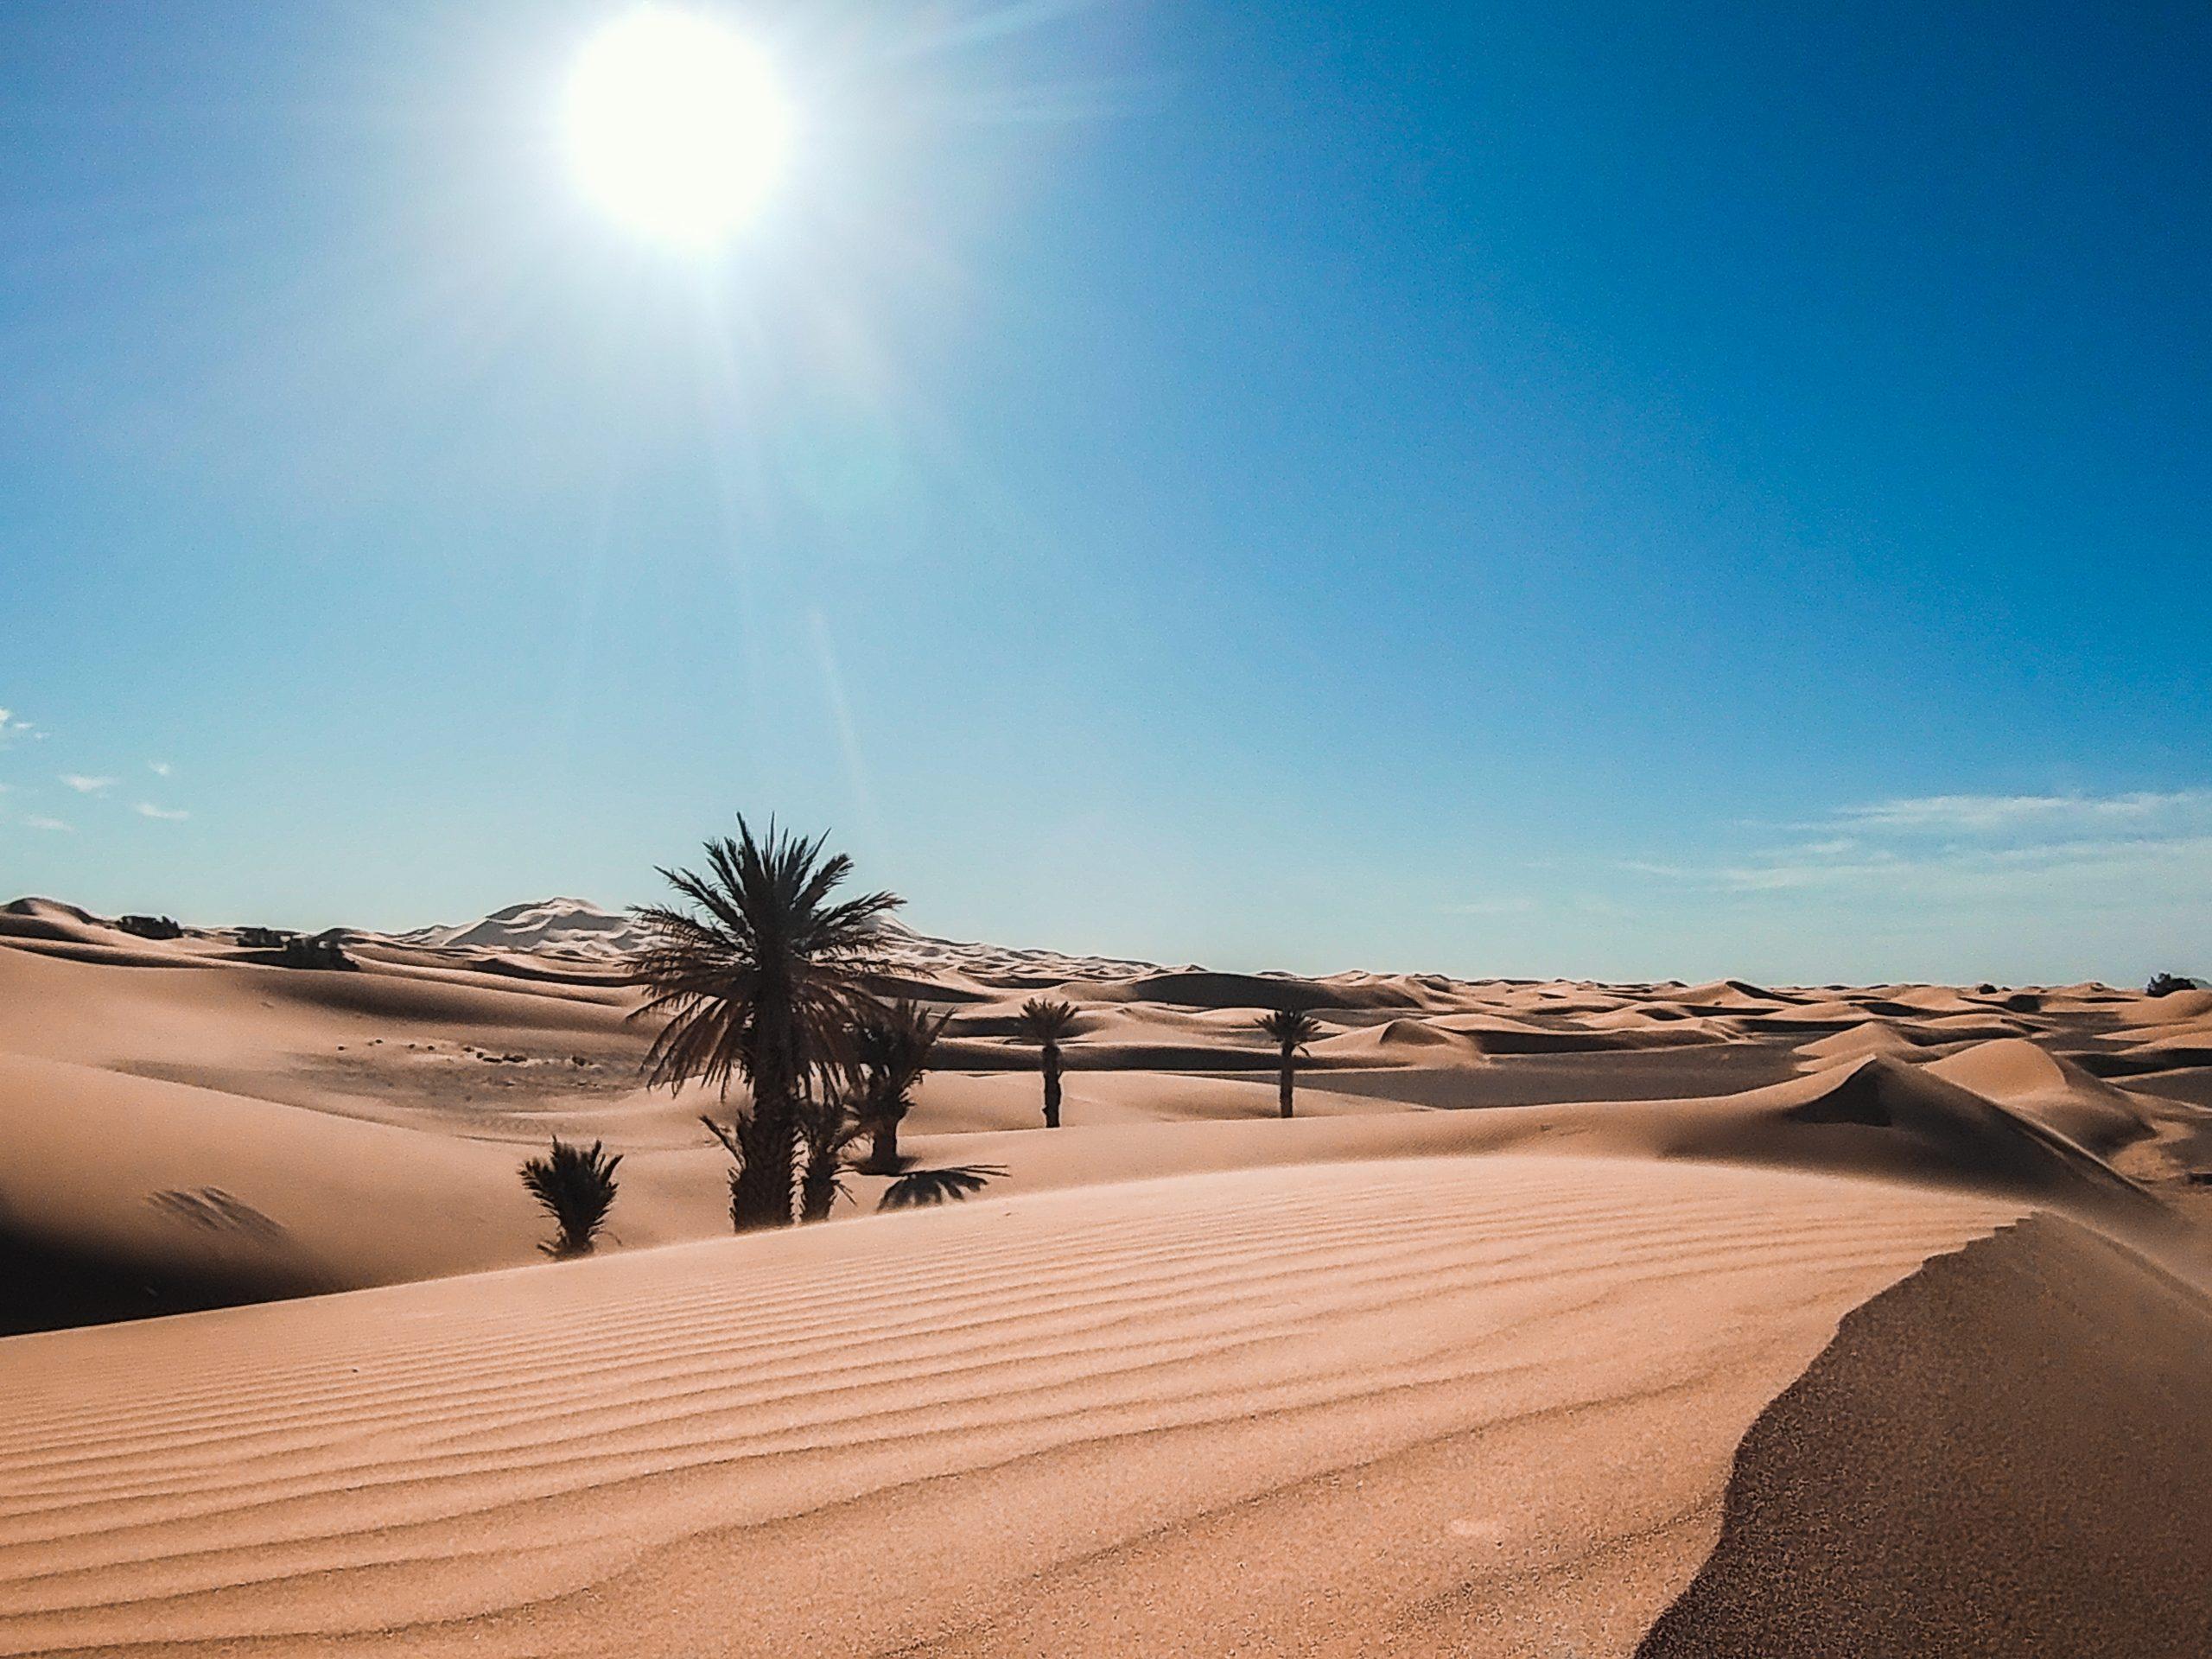 3-day Fez to Marrakech Sahara Desert Tour